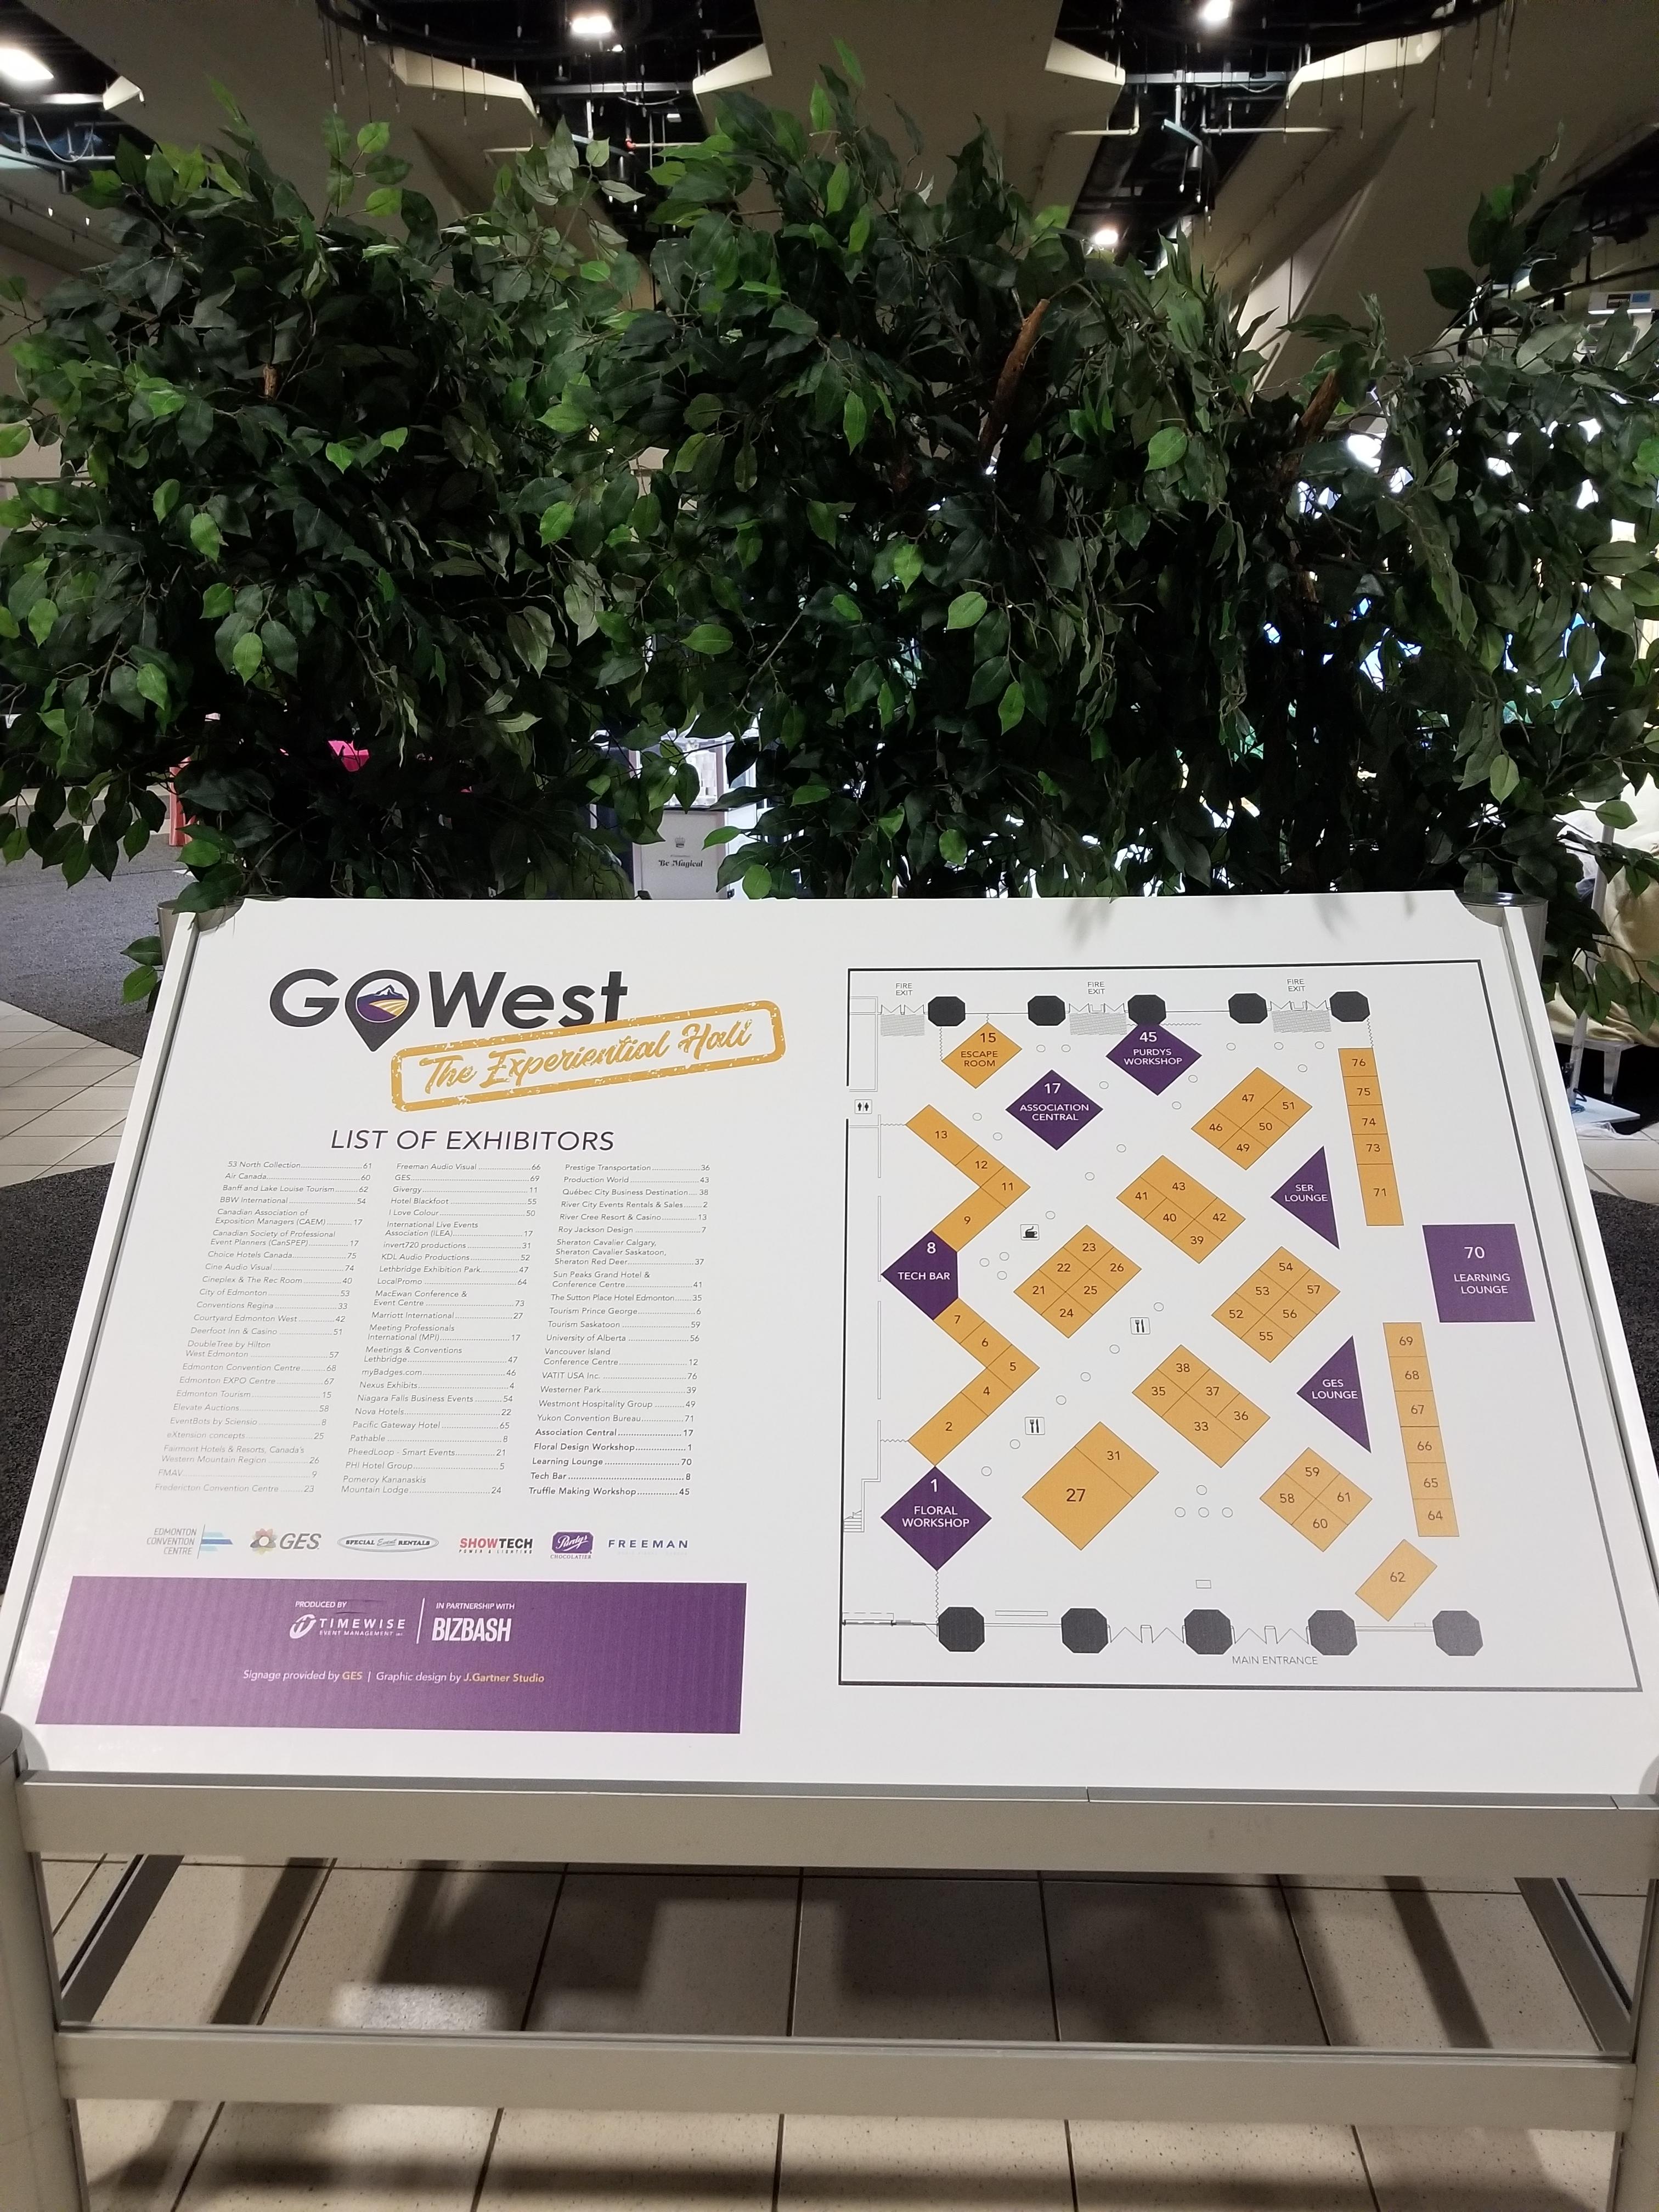 Go West Event Map Plantit Events inc